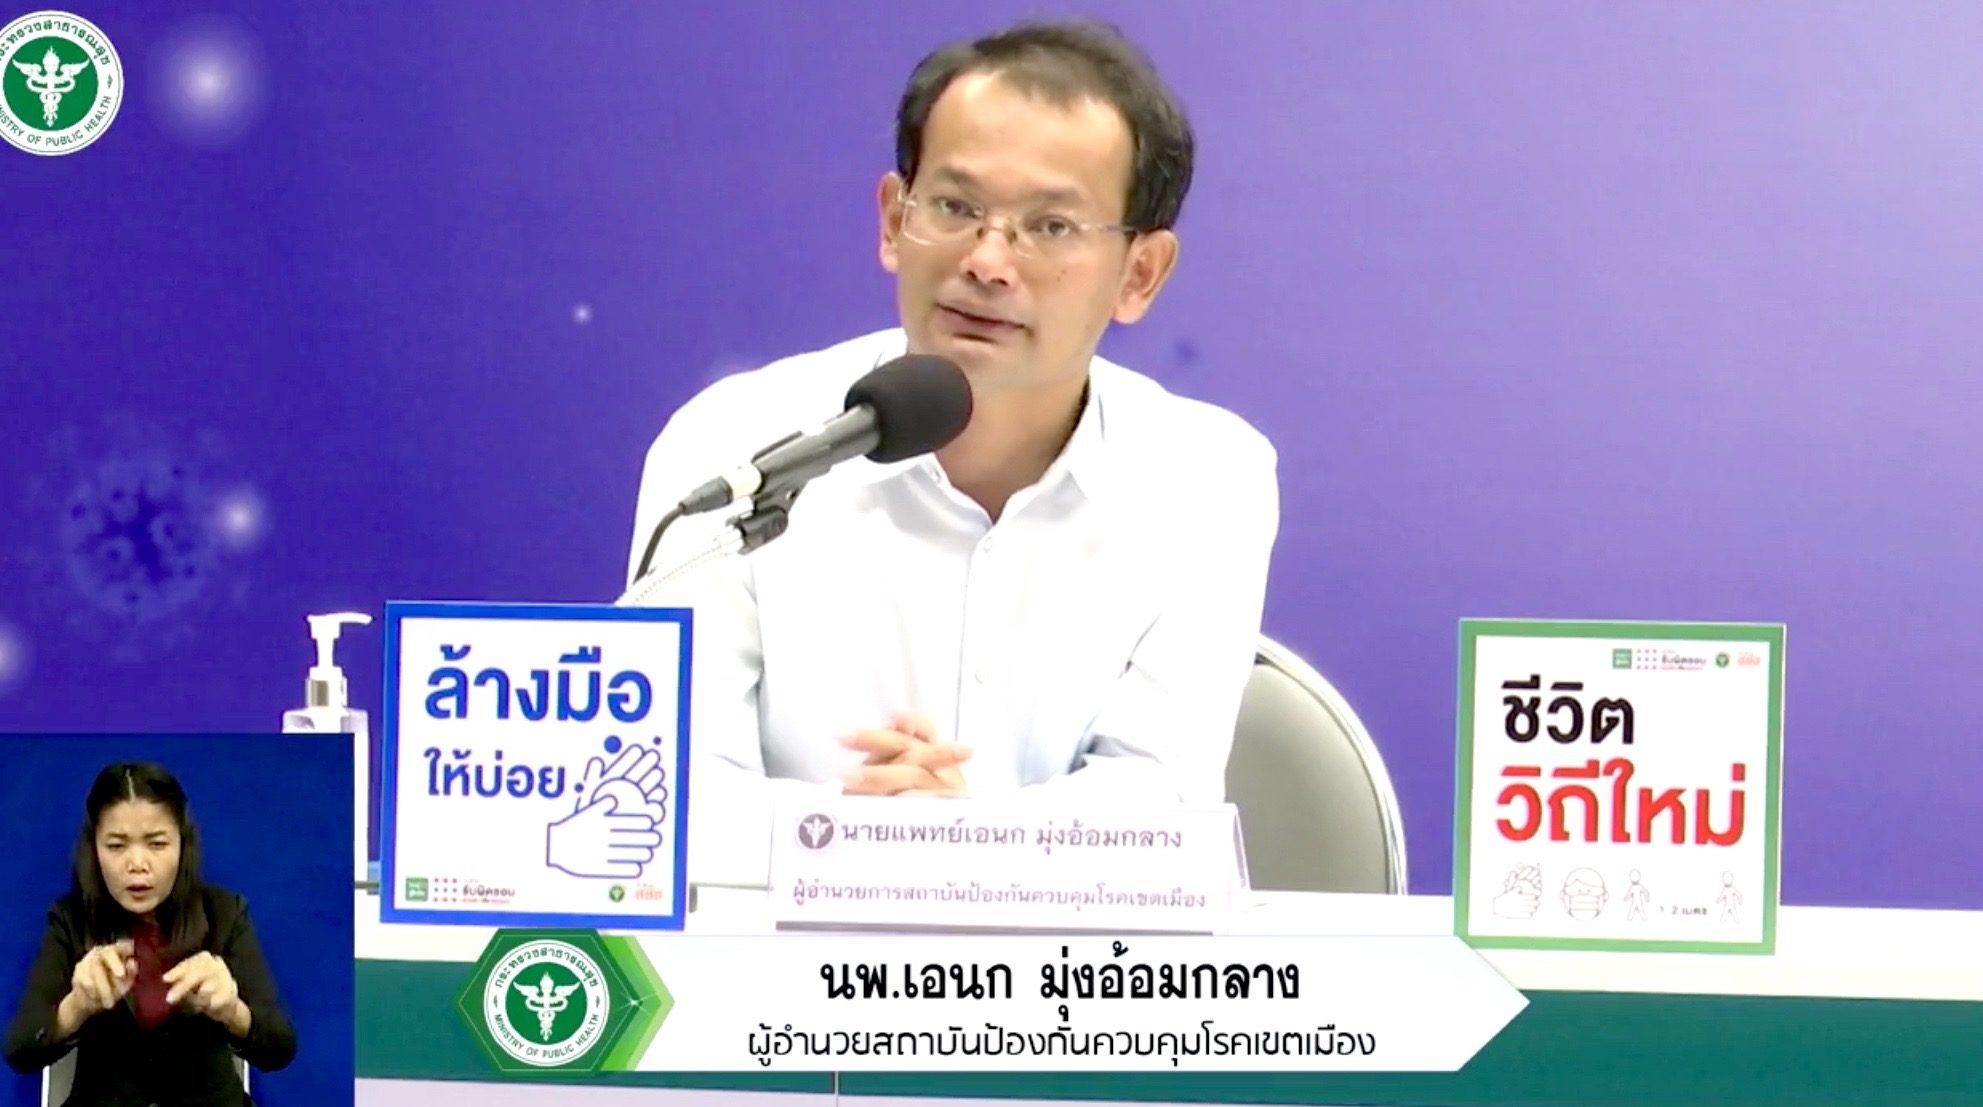 """สปคม.ลงพื้นที่ """"ชุมชนแออัด-คอนโด-บ้านจัดสรร-เรือนจำ"""" ยืนยันตัวเลขป่วย """"โควิด-19"""" ในไทยน้อยลงจริง"""